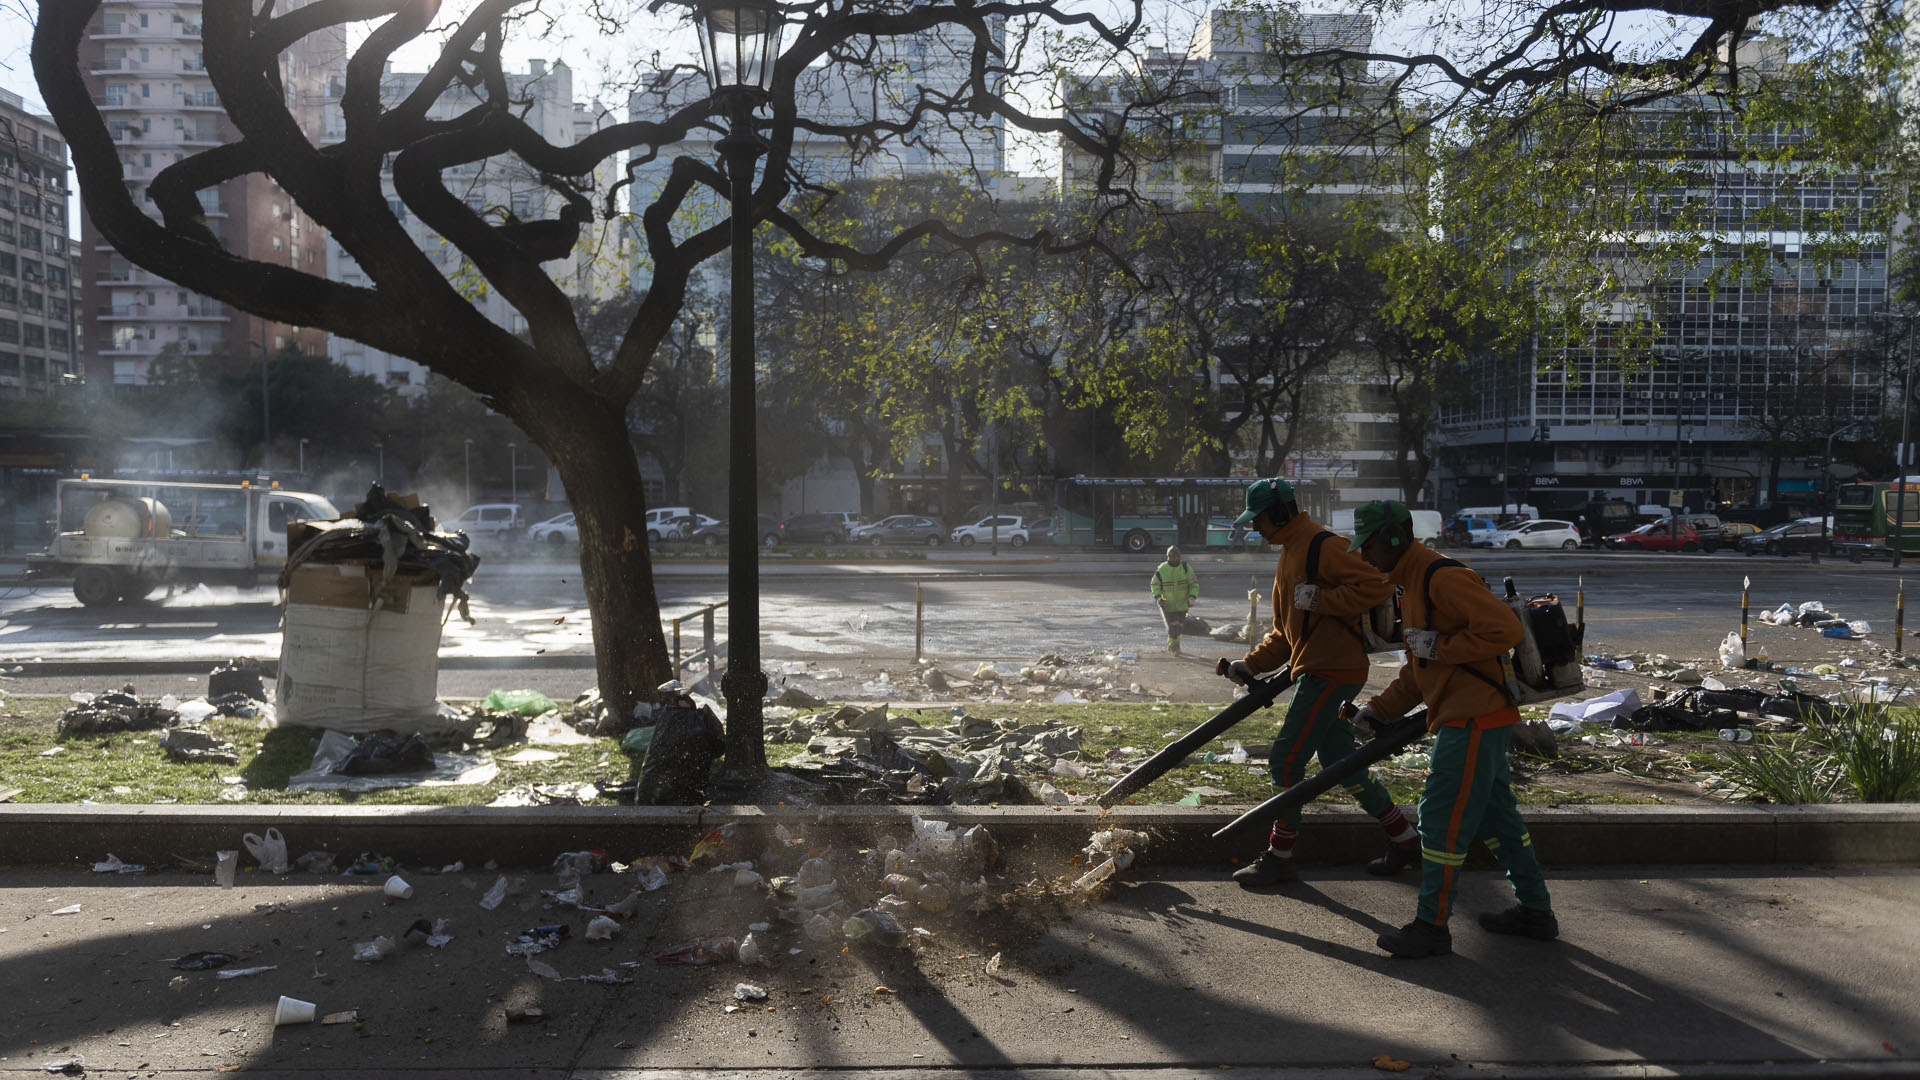 Las organizaciones piqueteras que se instalaron frente al Ministerio de Salud y Desarrollo Social suspendieron la medida y culminaron antes la protesta